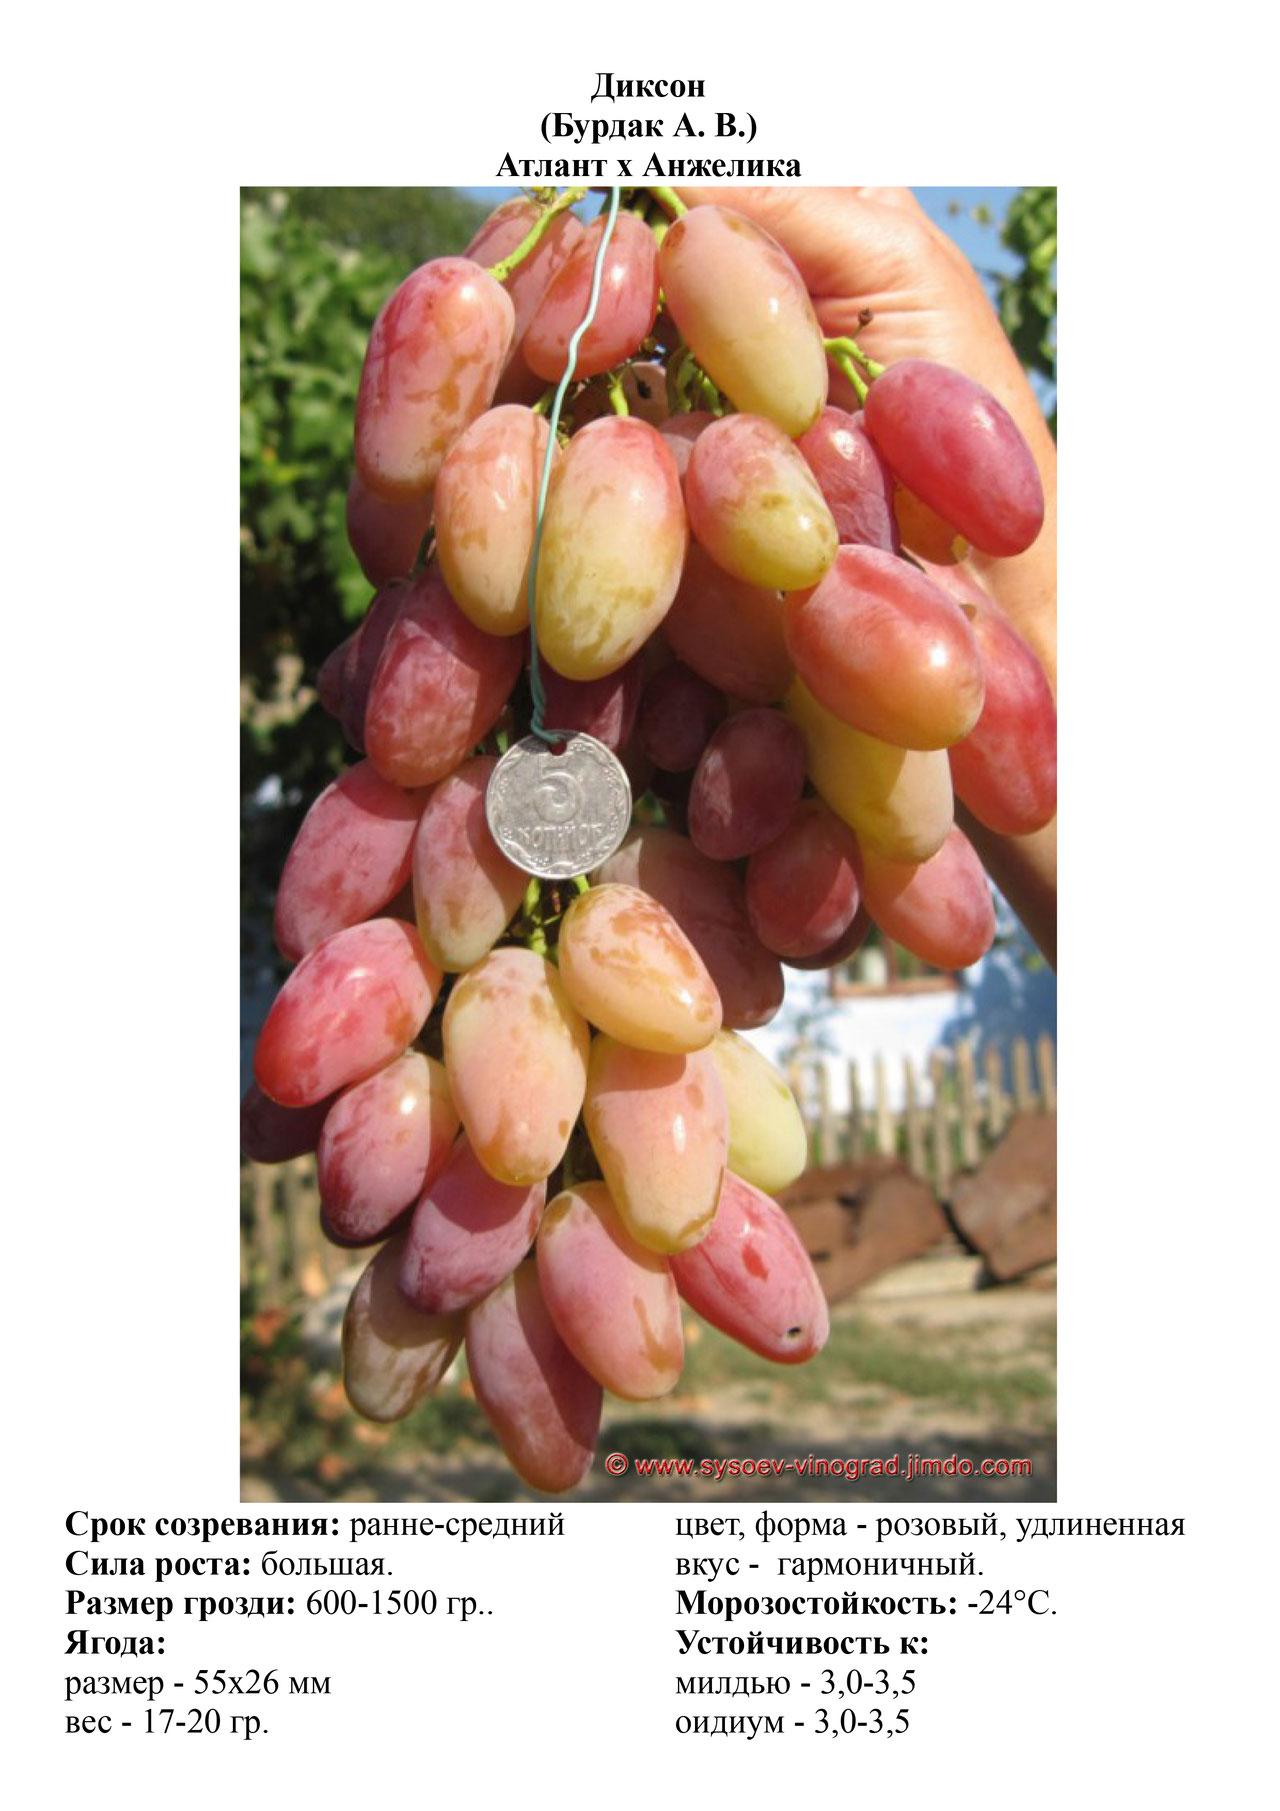 Сорт винограда маникюр фингер описание